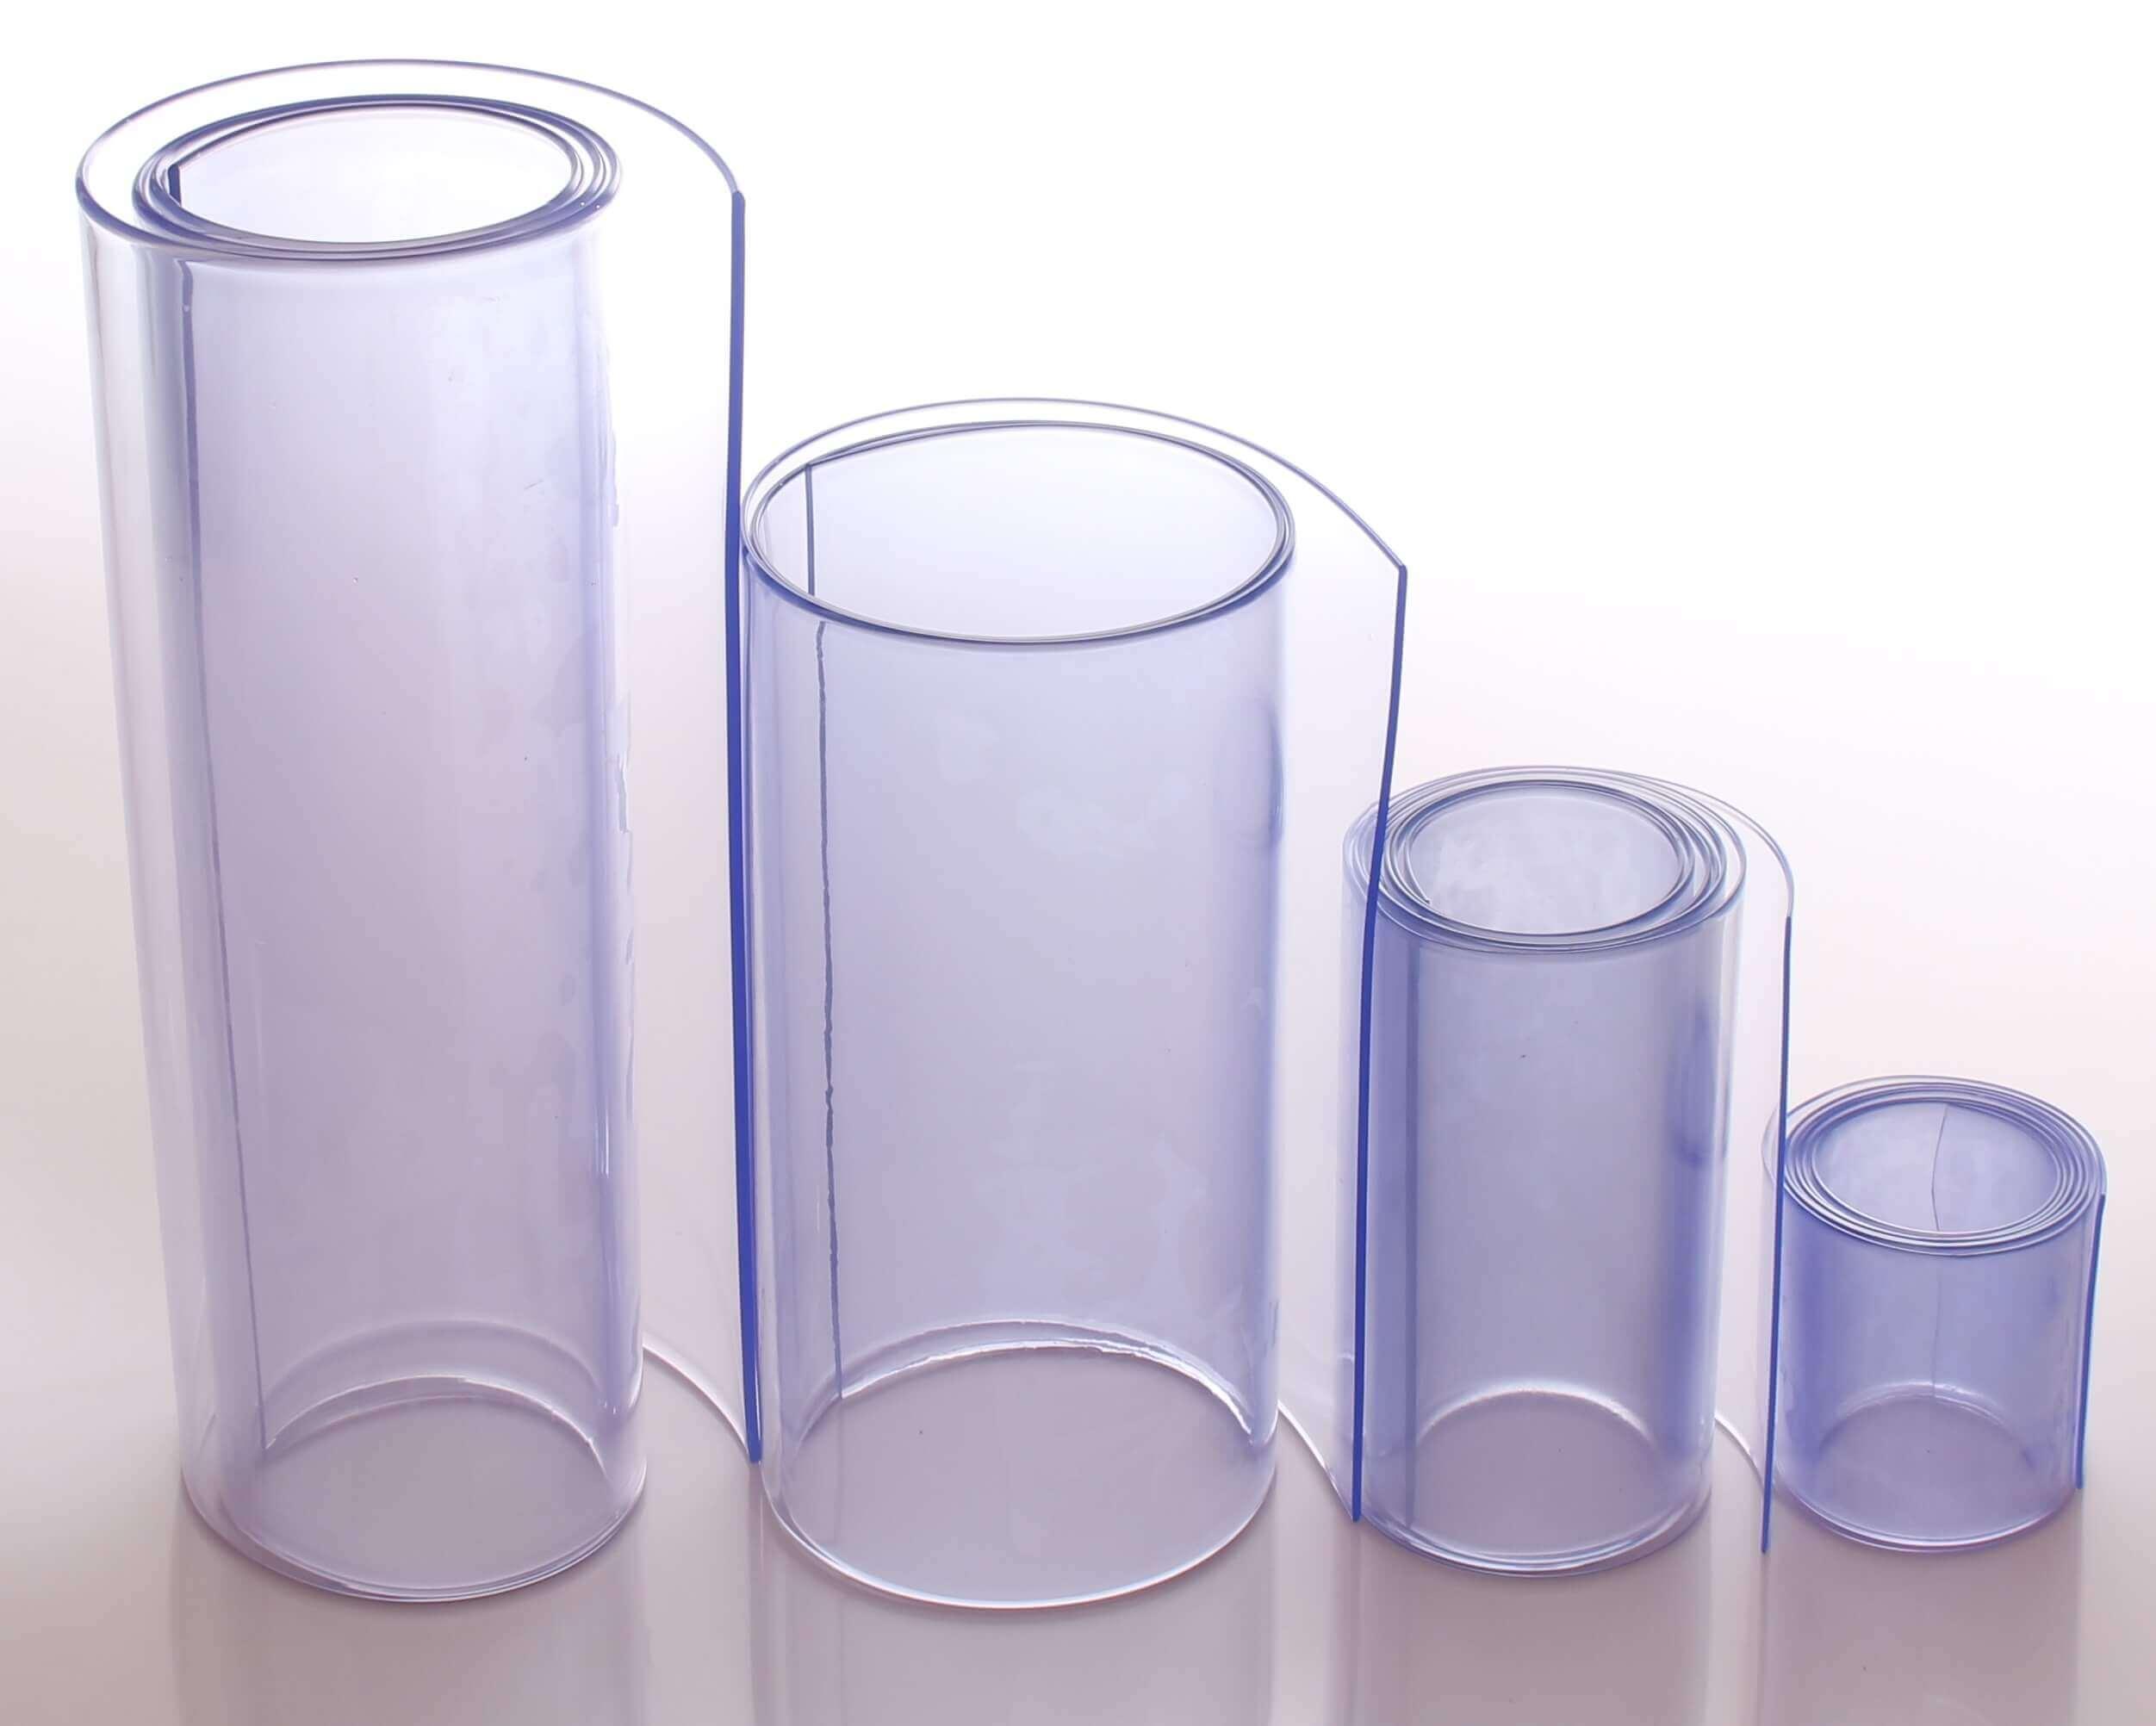 Pasy pcv dostępne w czterech wariantach szerokości, różnych kolorach i właściwościach